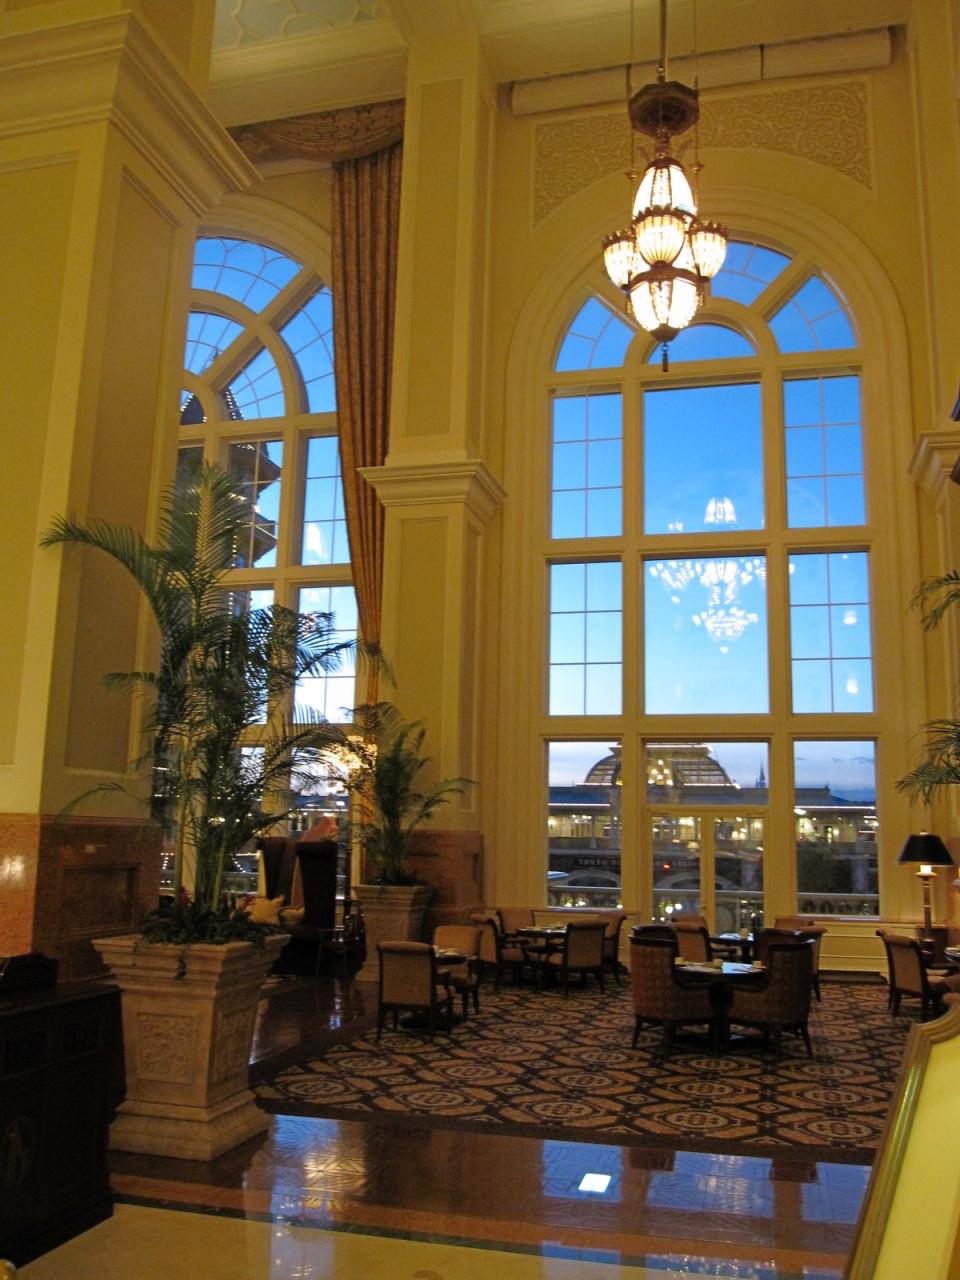 12.ディズニーランドホテル ドリーマーズラウンジで朝食』東京